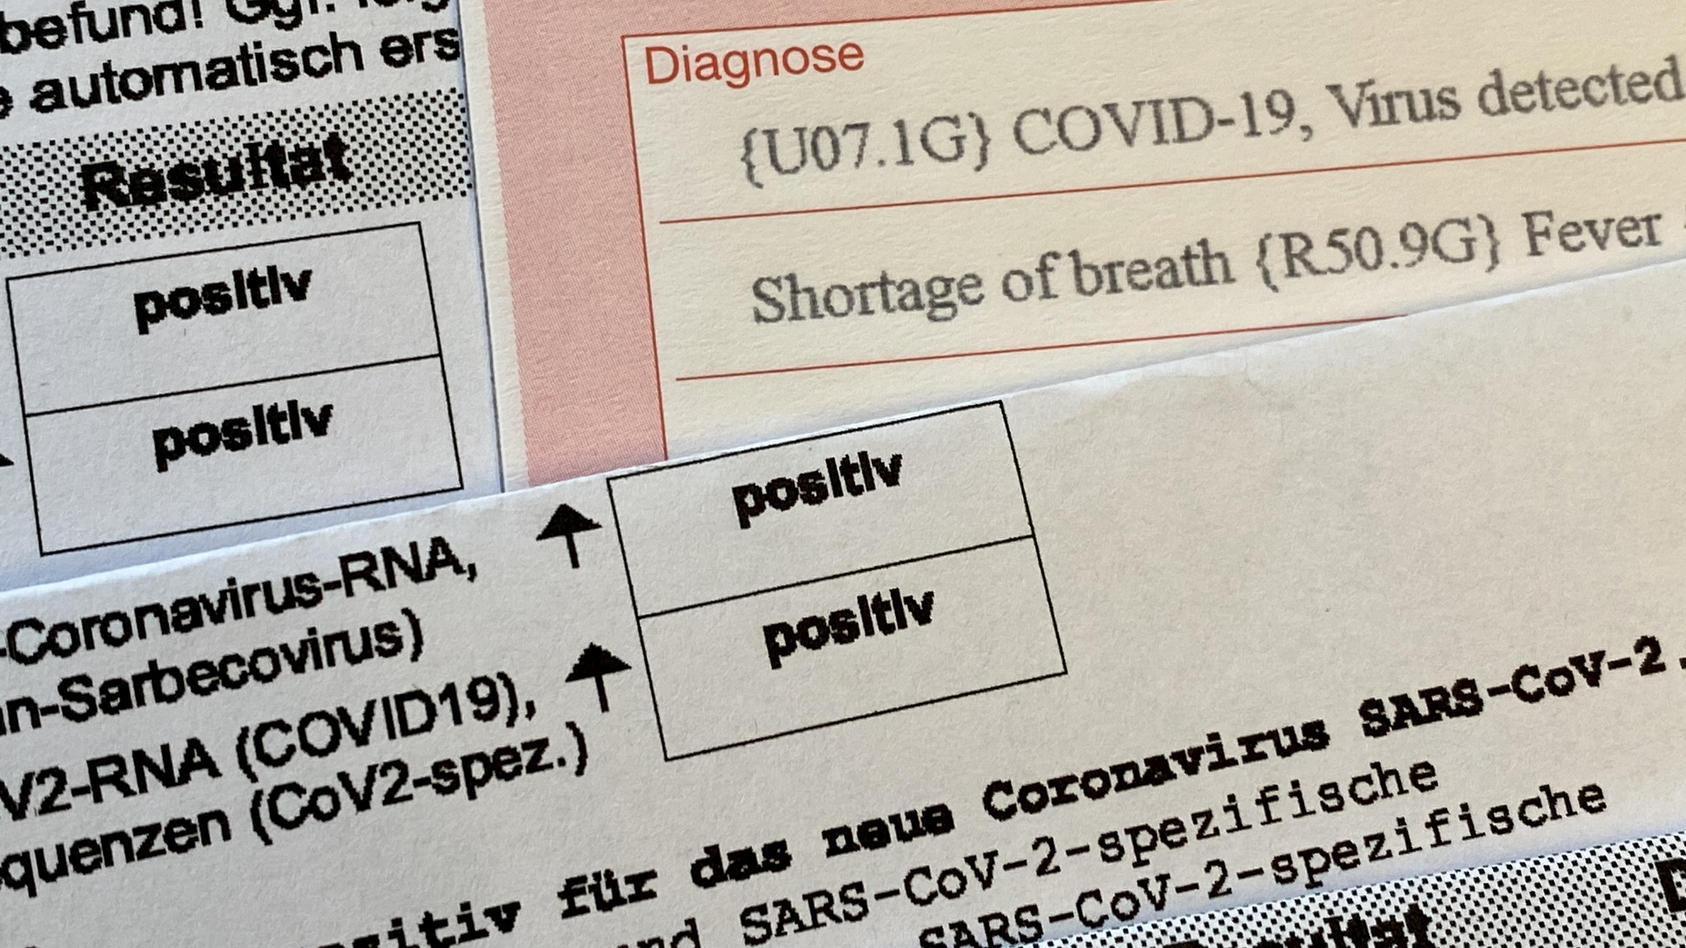 Gilt ein Corona-Testergebnis als Nachweis für meine Genesung? Und wenn ja, ab wann und wie lange?